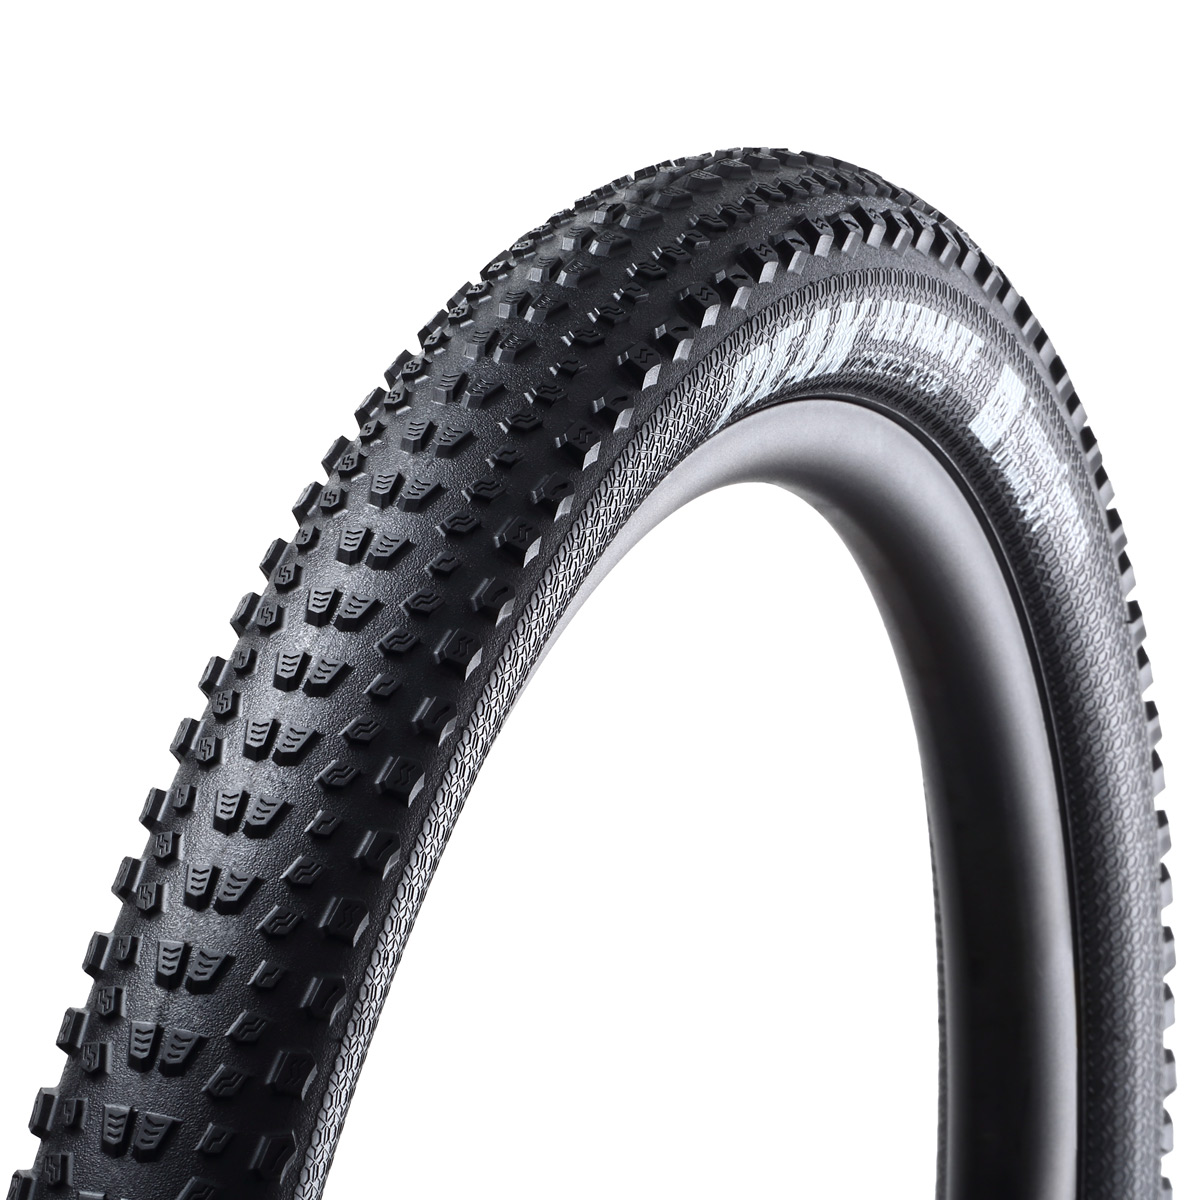 Goodyear Peak Ultimate Tyre